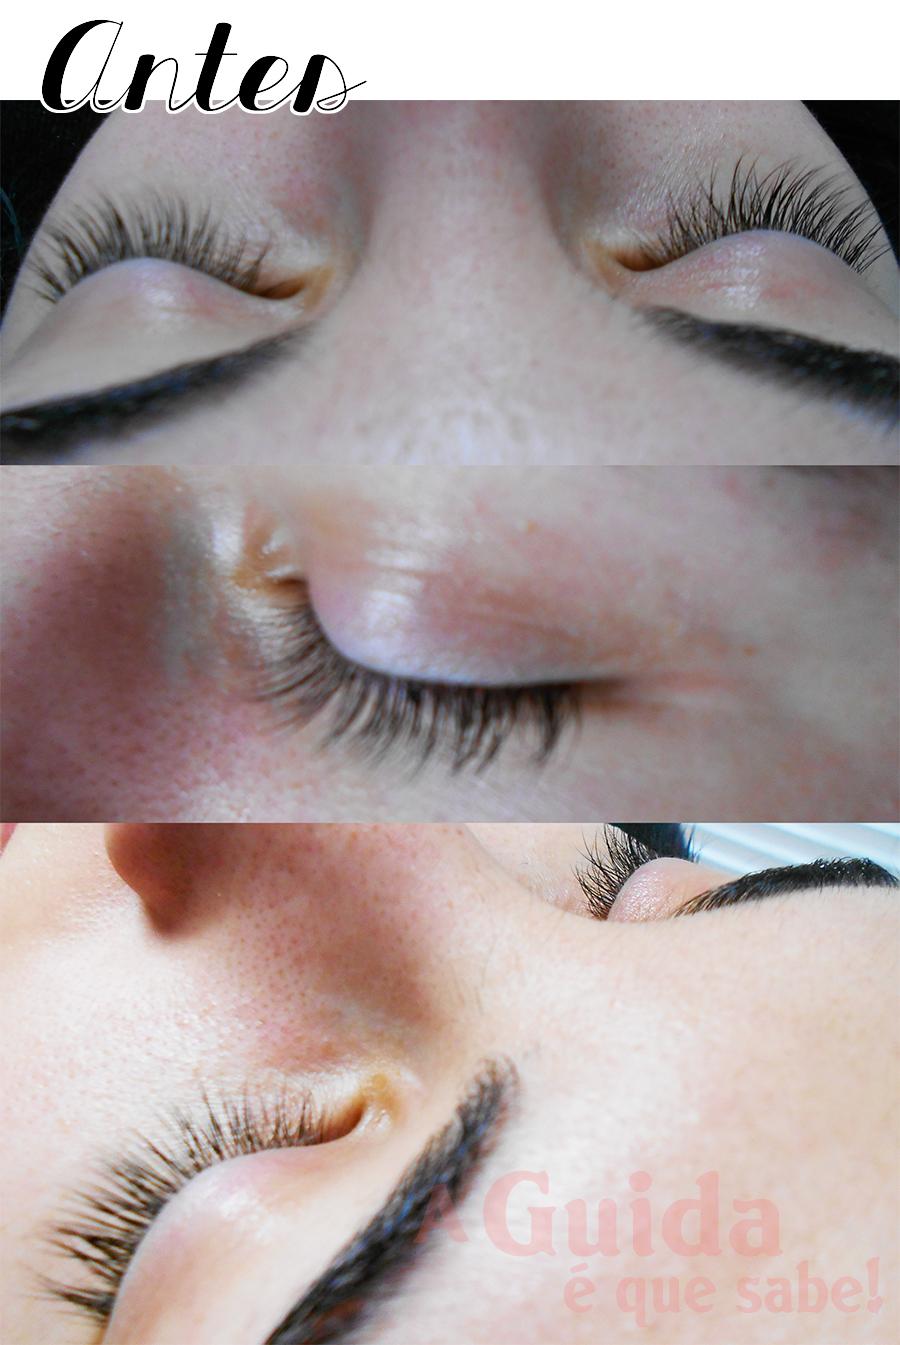 extensões pestanas extensão volume russo célia godoy review beleza maquilhagem beauty estética